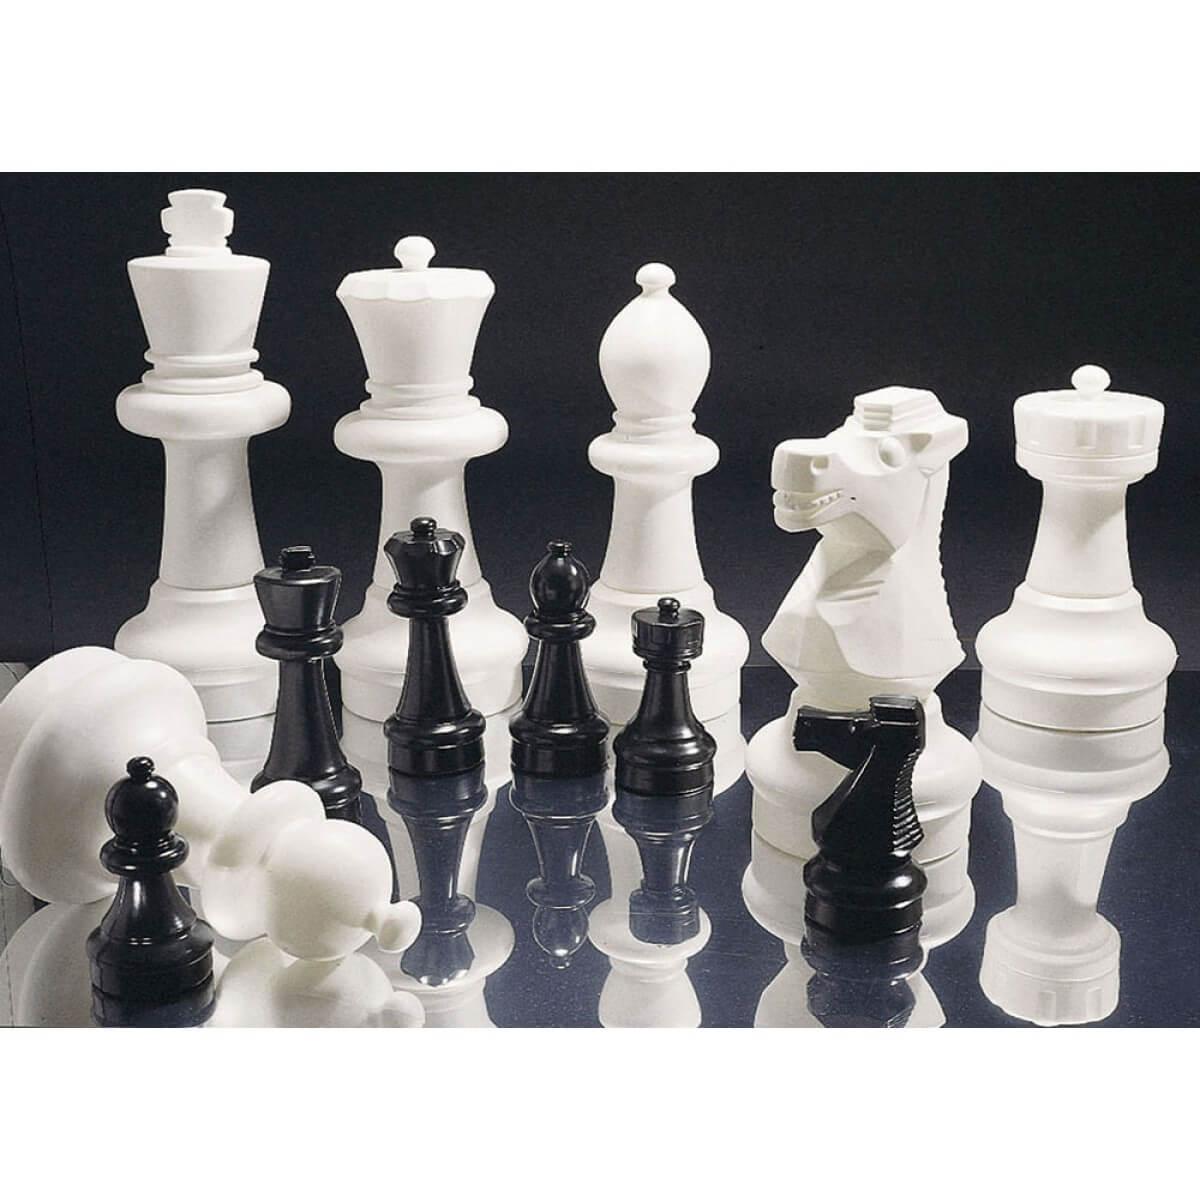 Rolly Kültéri sakkszett, kicsi